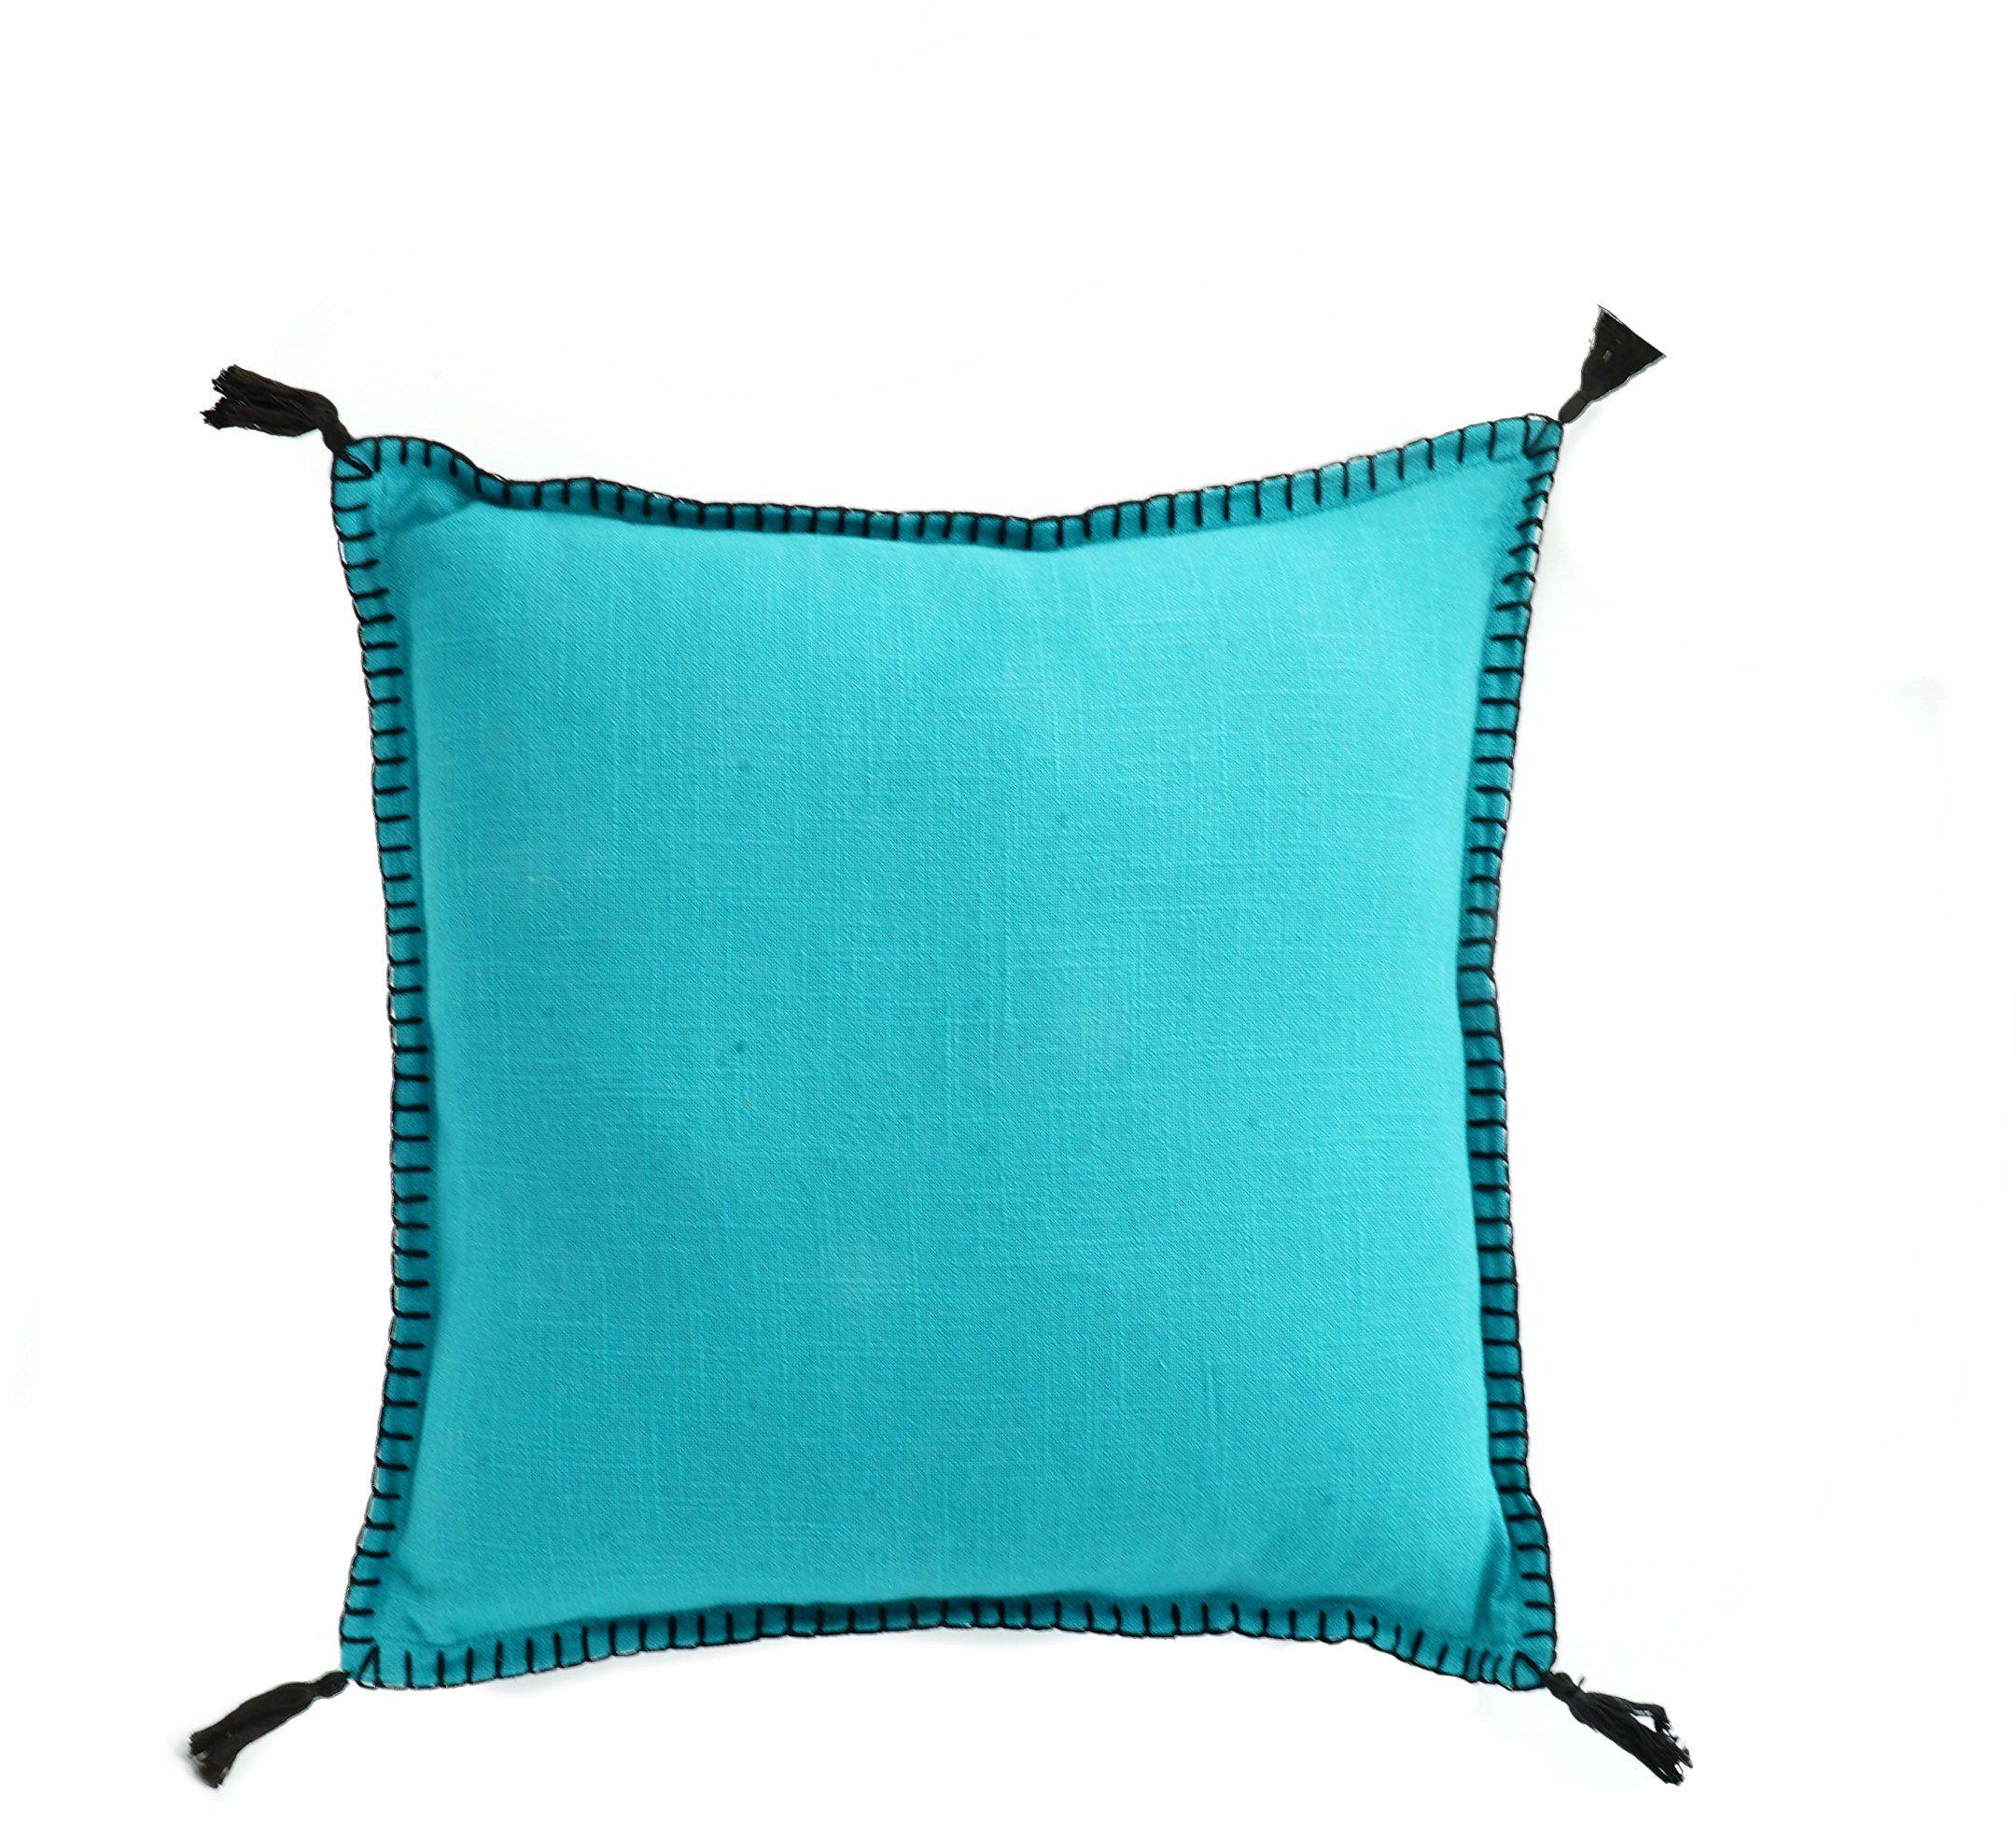 Safeco Poduszka Portofino bawełna kaczka 45 x 45 cm